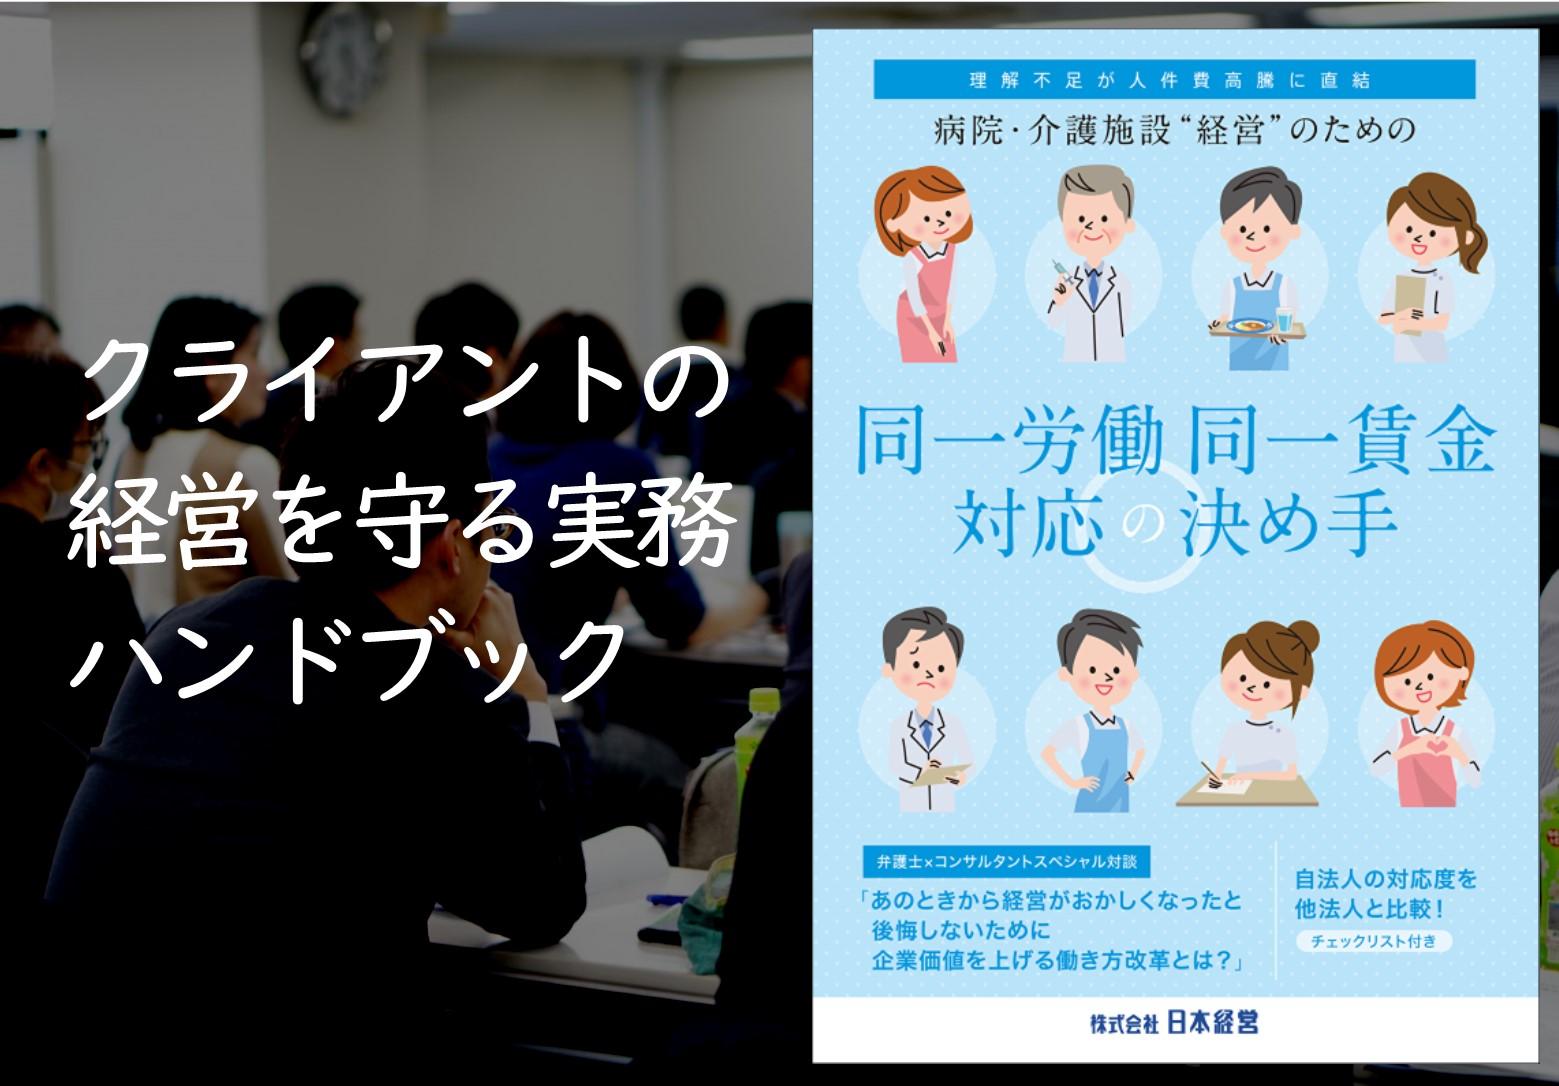 「クライアントの経営を守るために、働き方改革 実務ハンドブック」のサムネイル